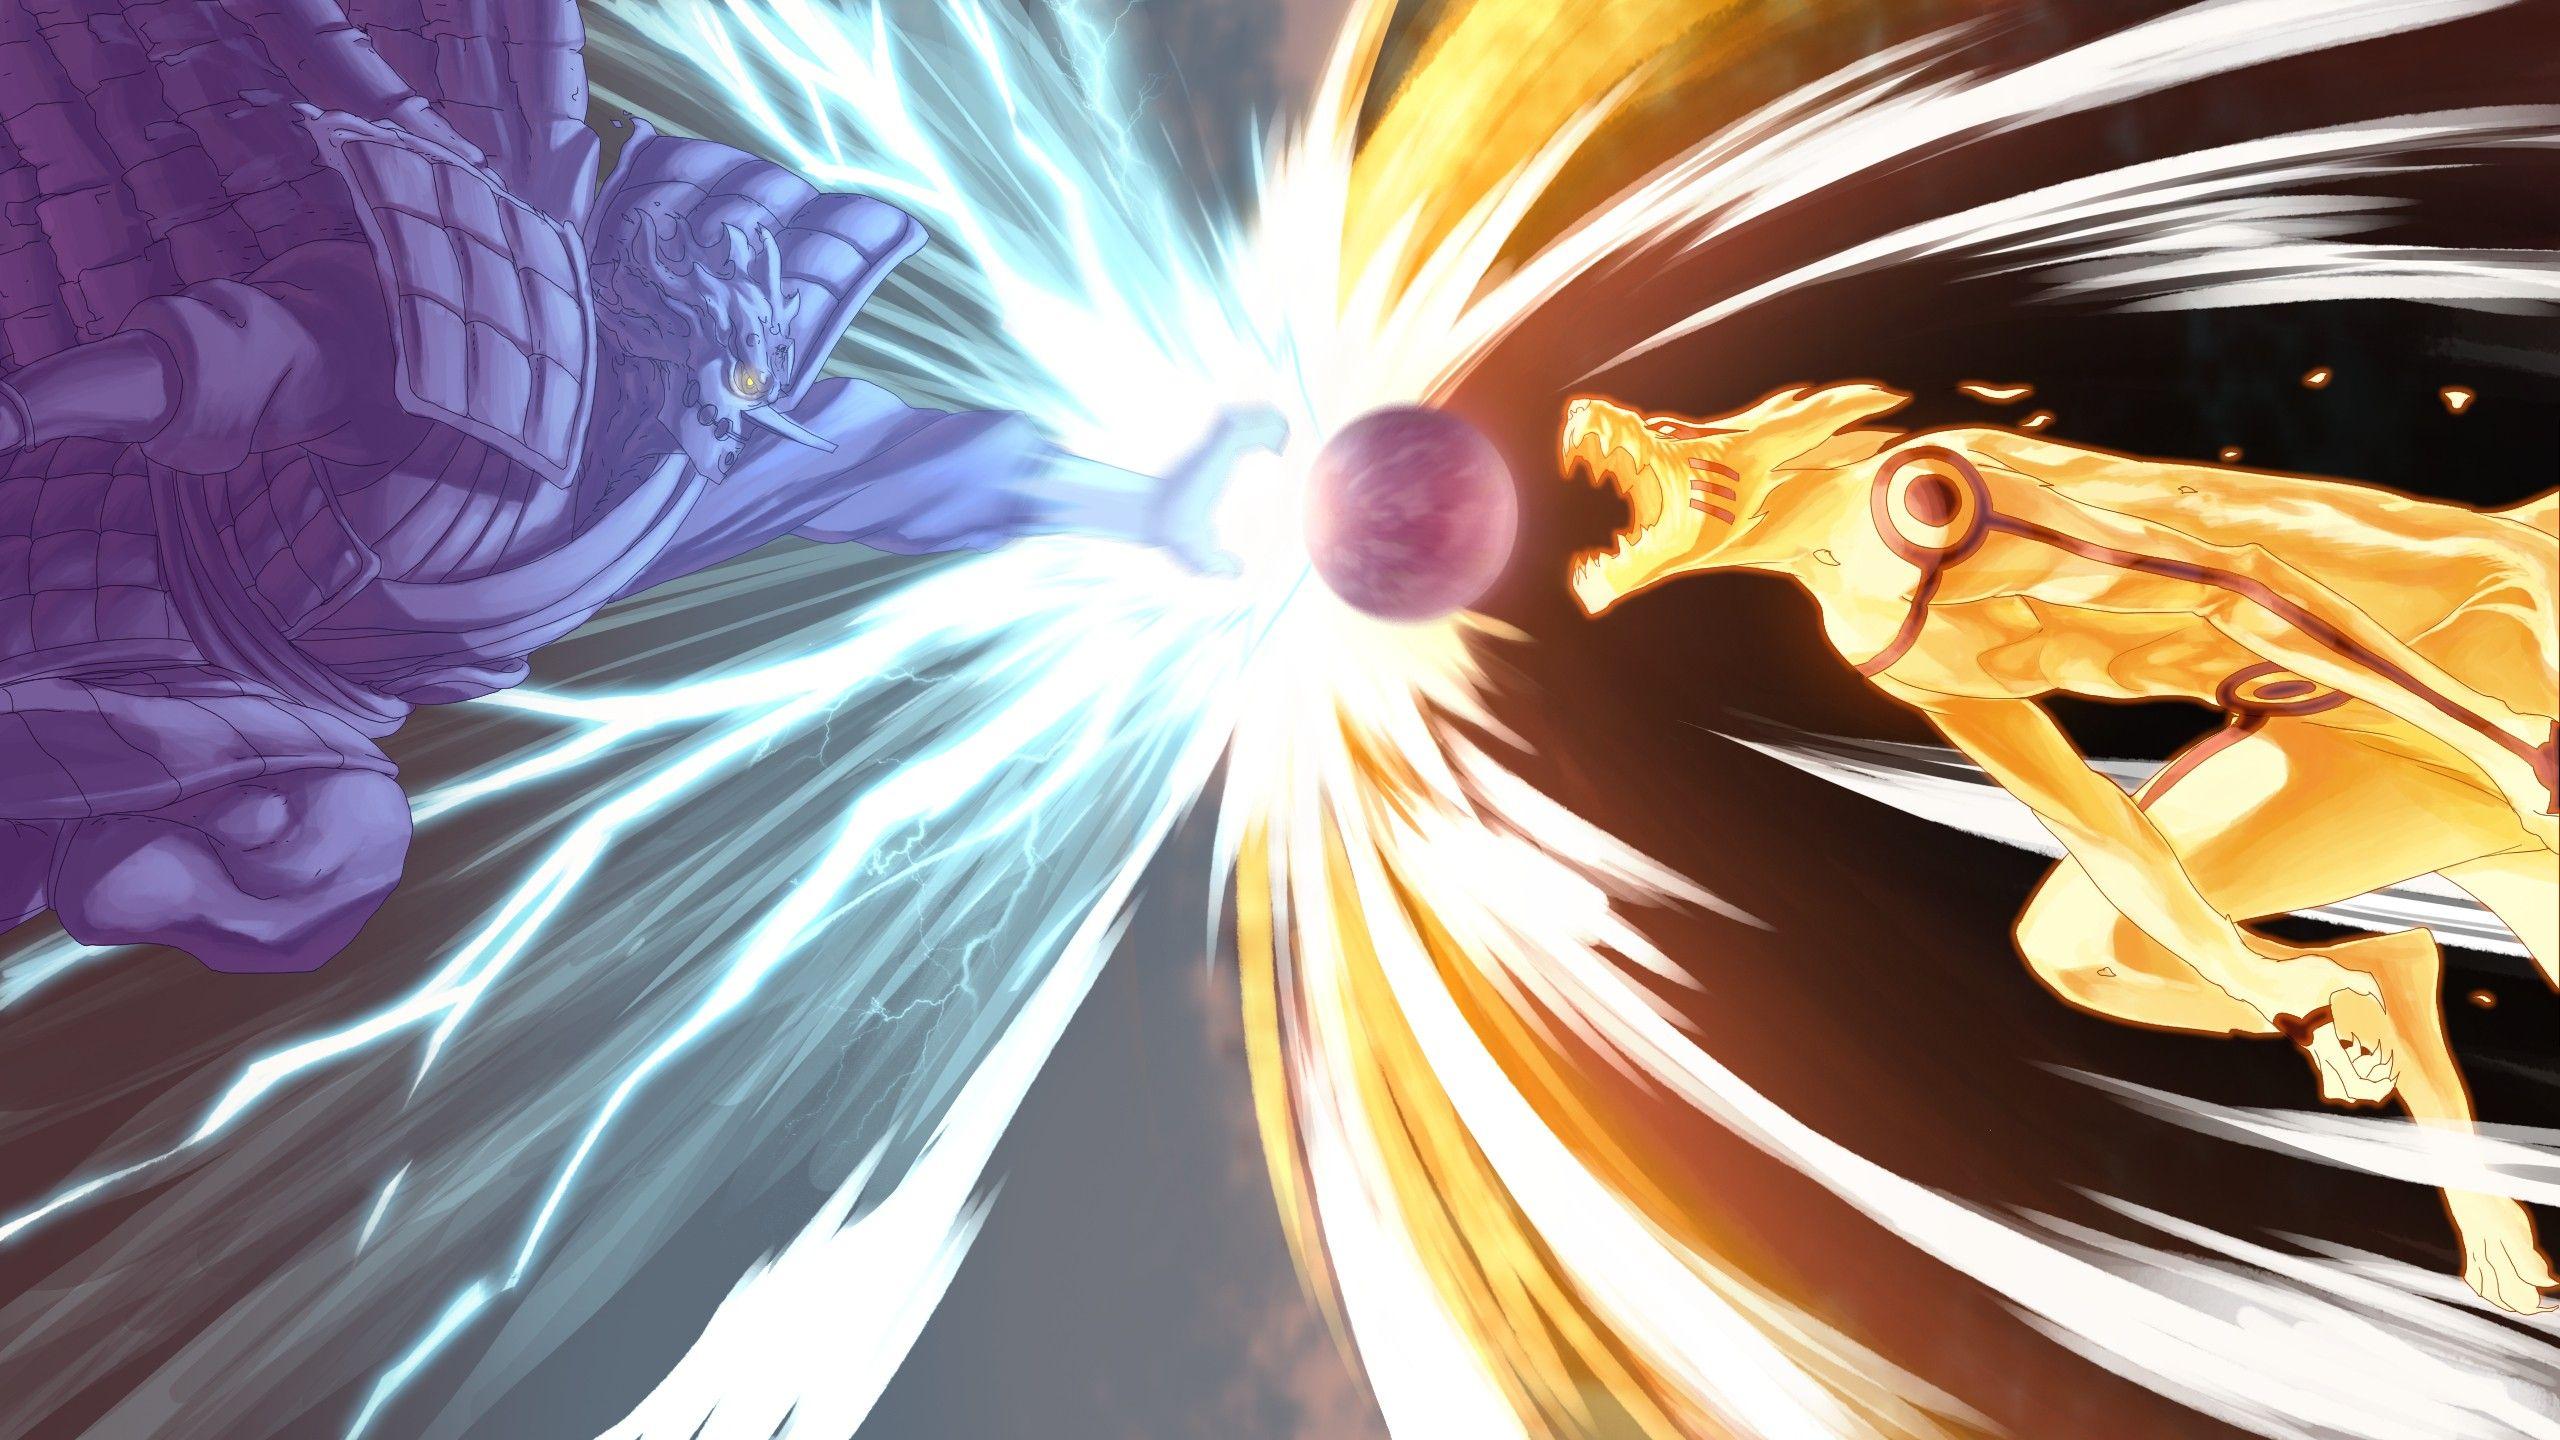 Anime 2560x1440 Anime Naruto Shippuuden Kurama Kyuubi Susanoo